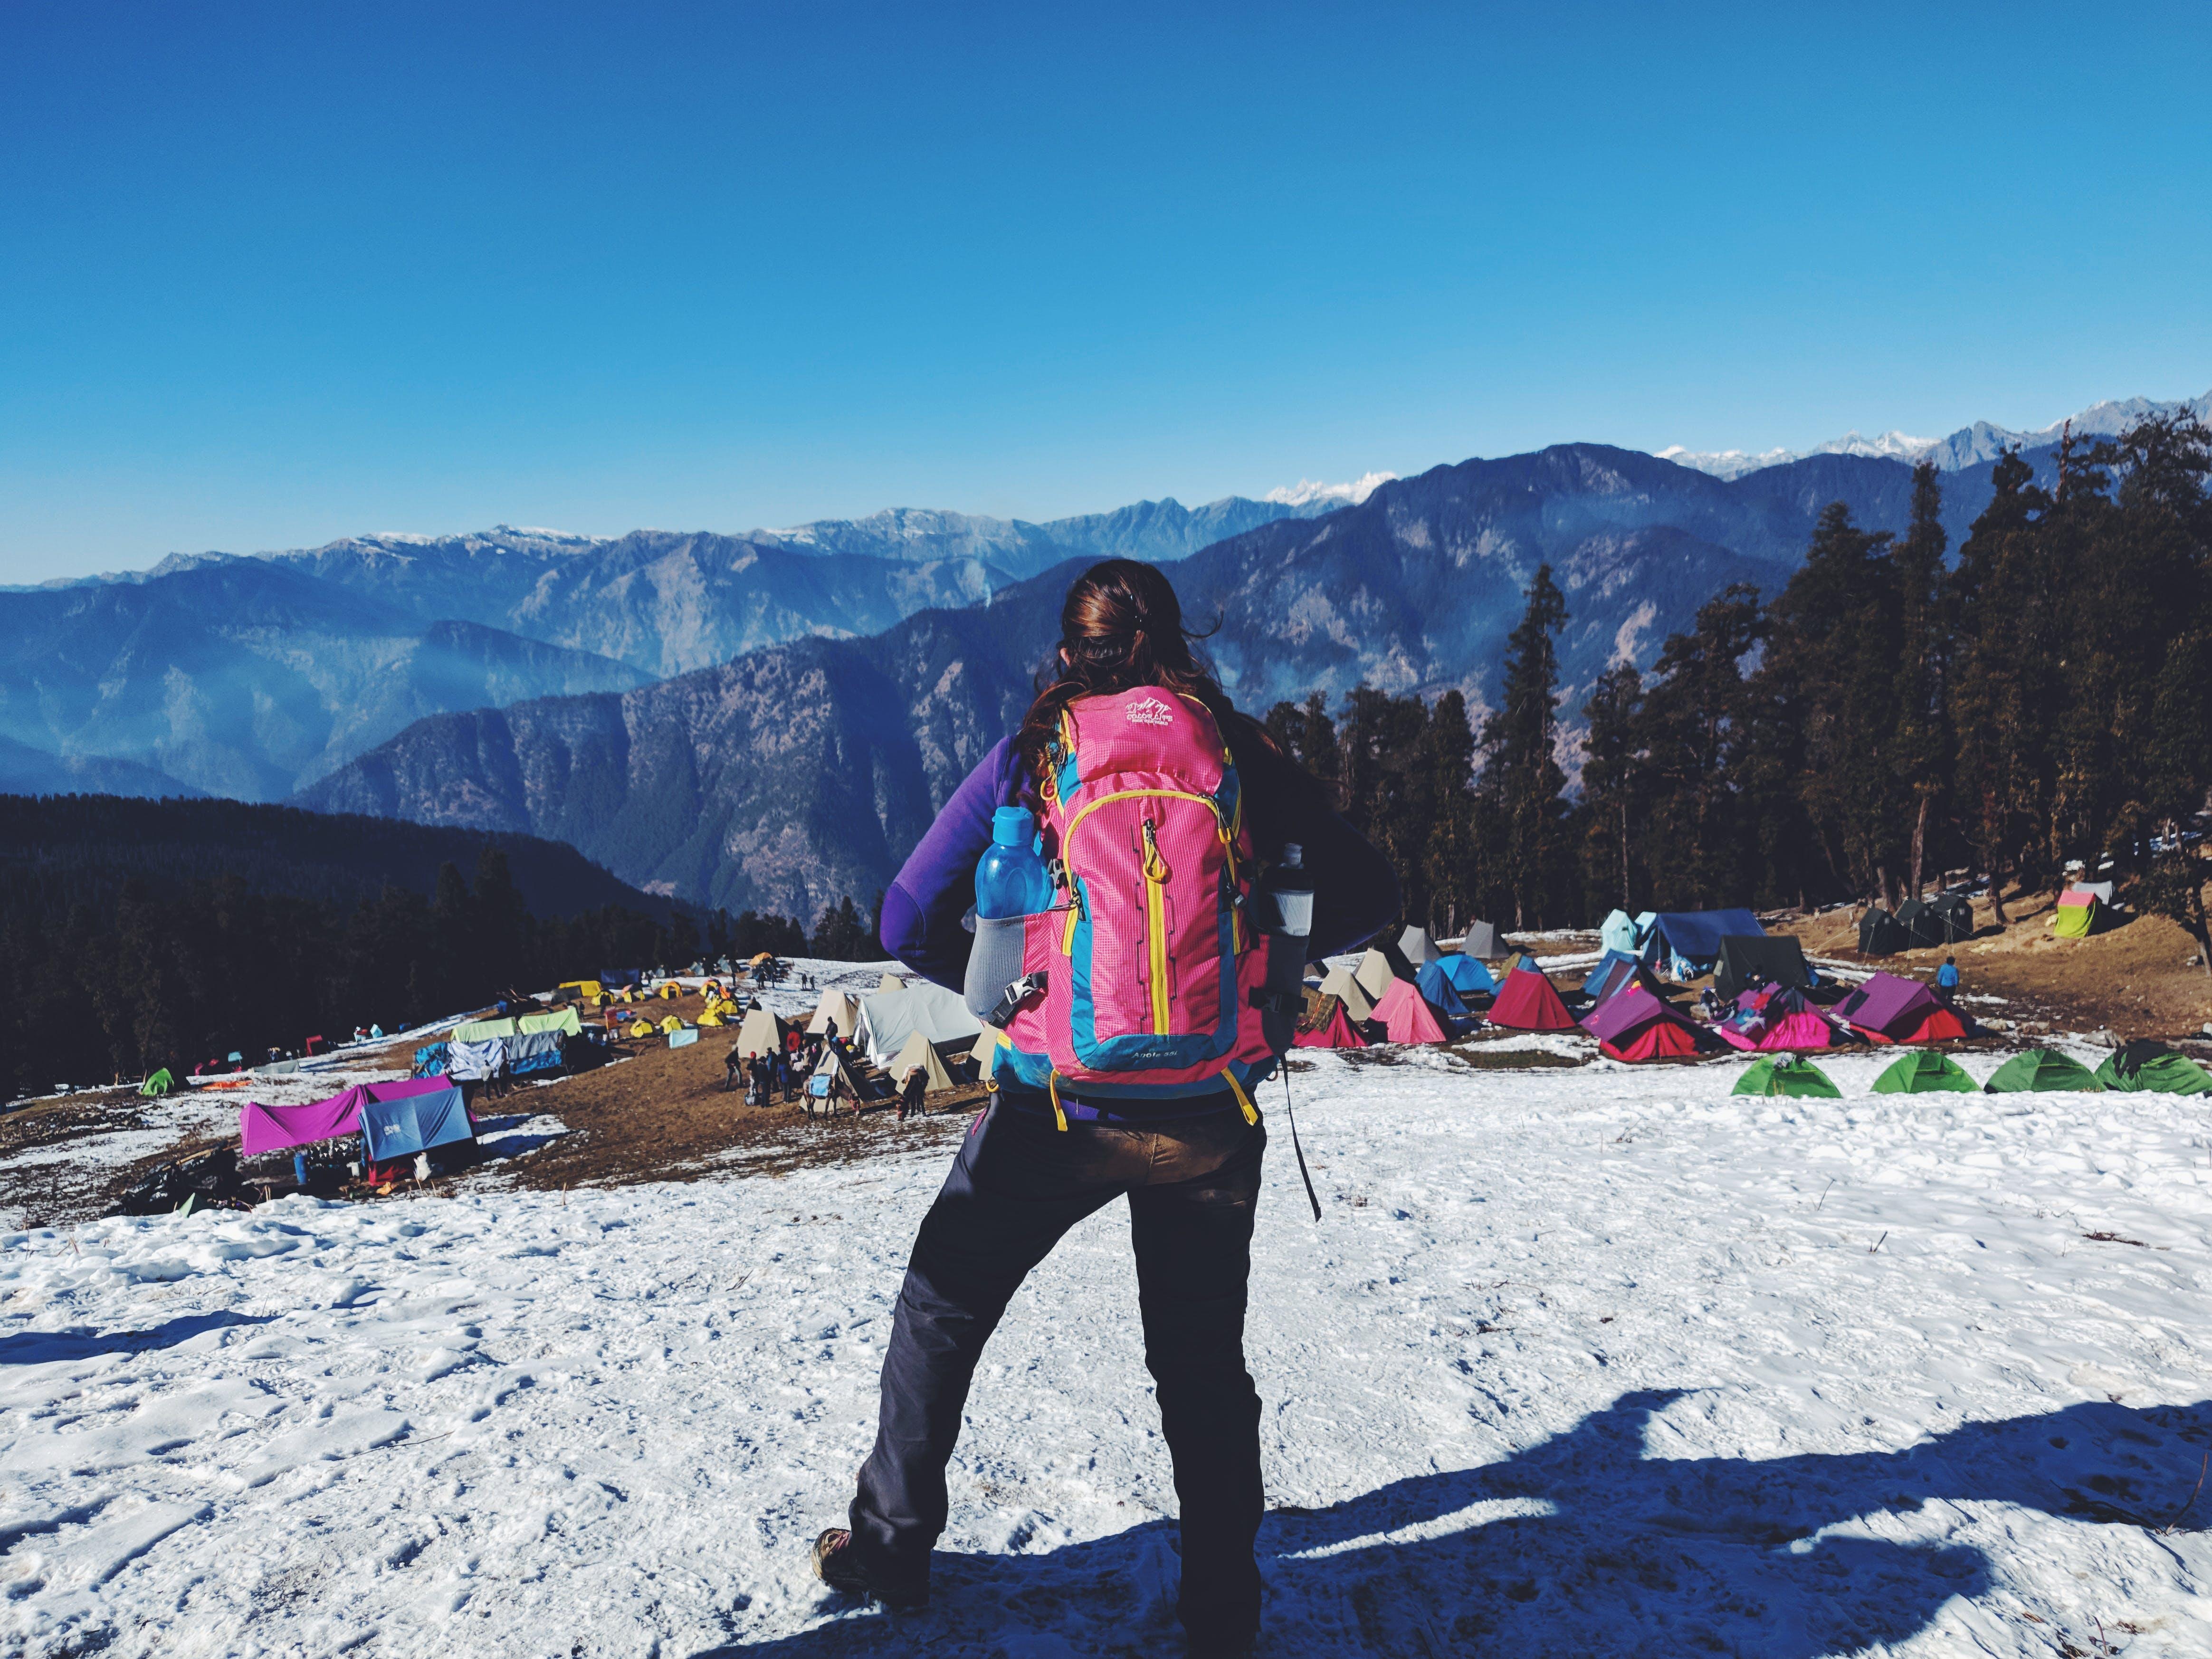 休閒, 冒險, 冬季, 冷 的 免費圖庫相片